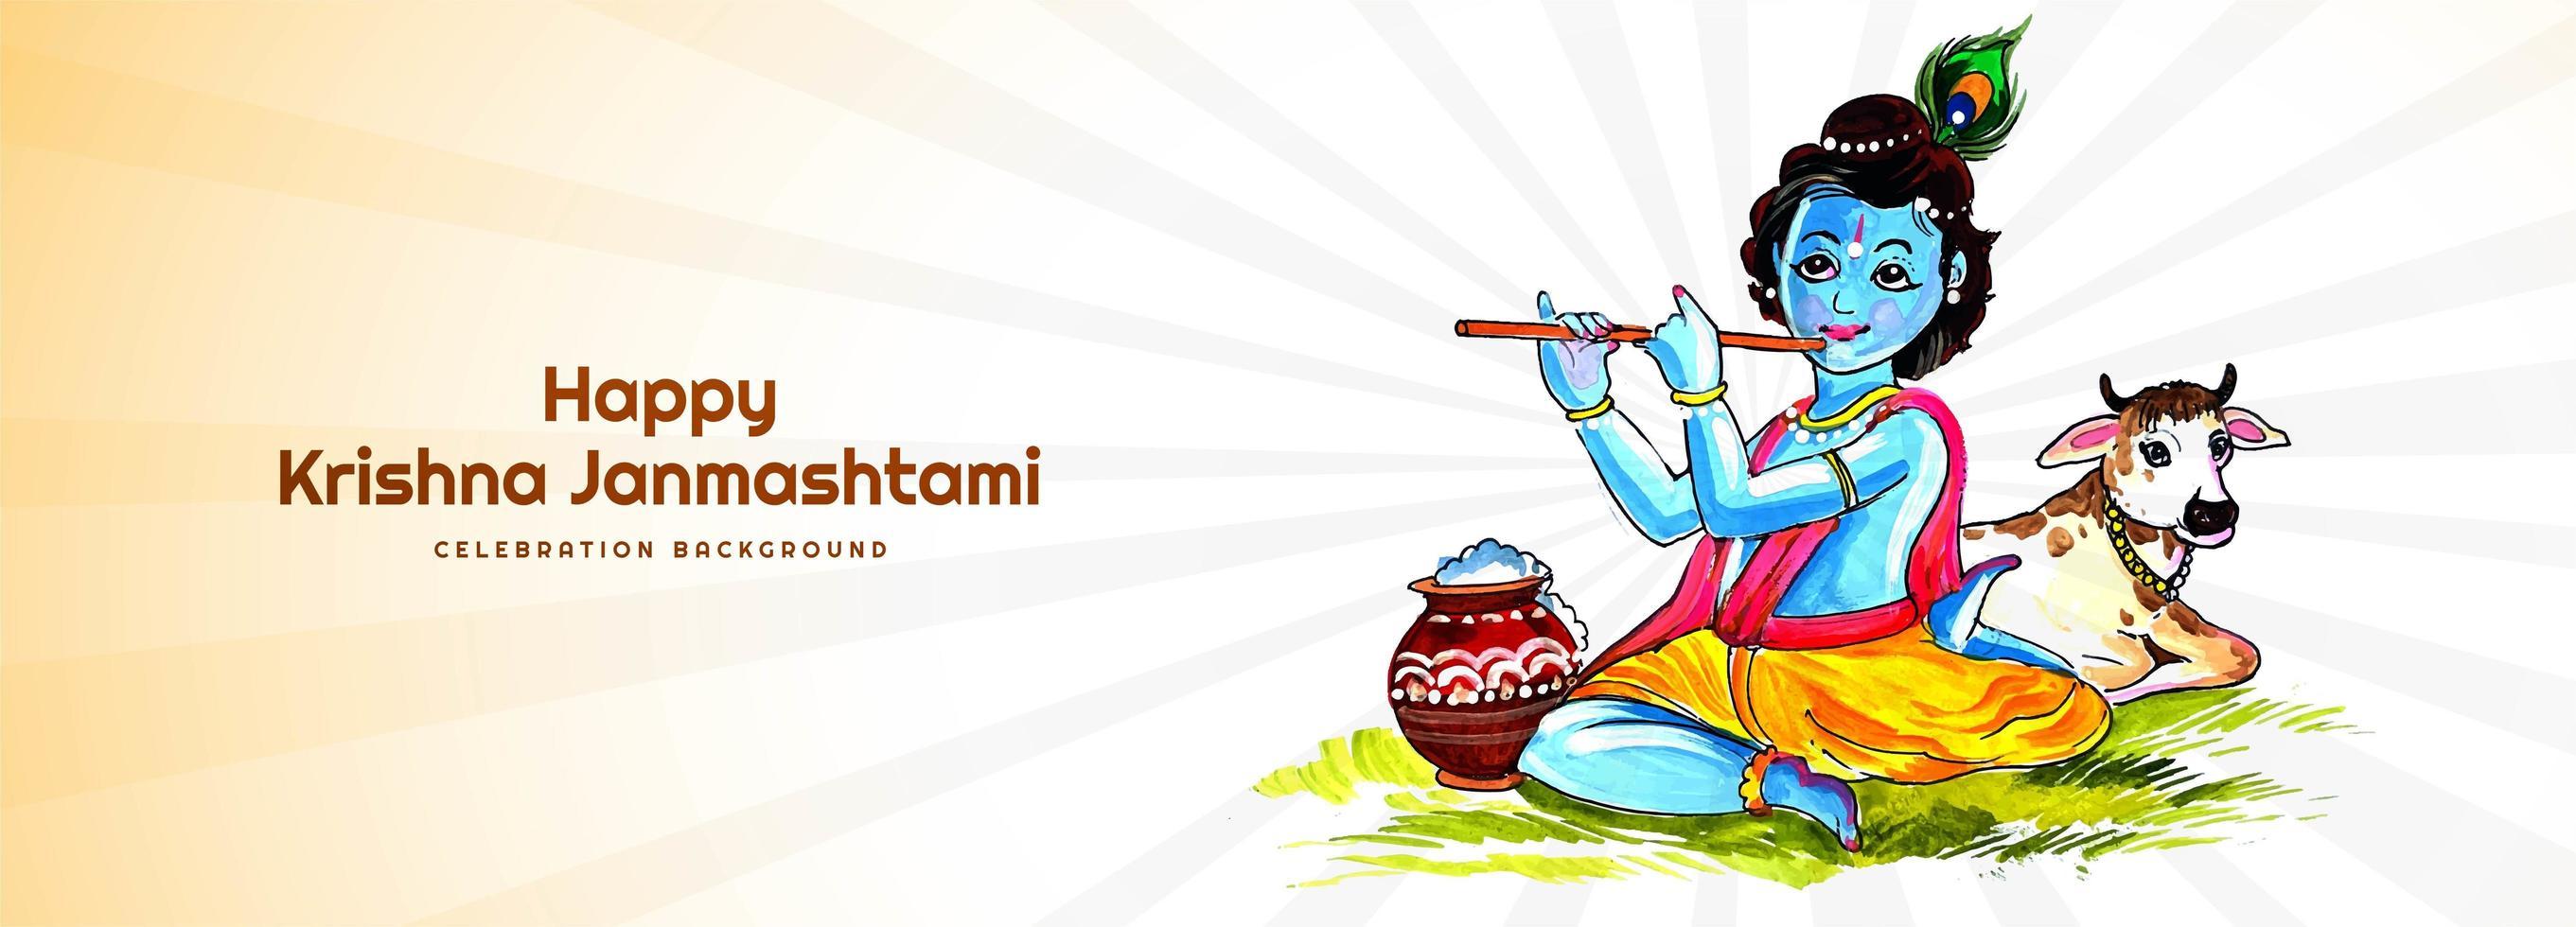 felice krishna janmashtami che suona il banner del festival del flauto vettore